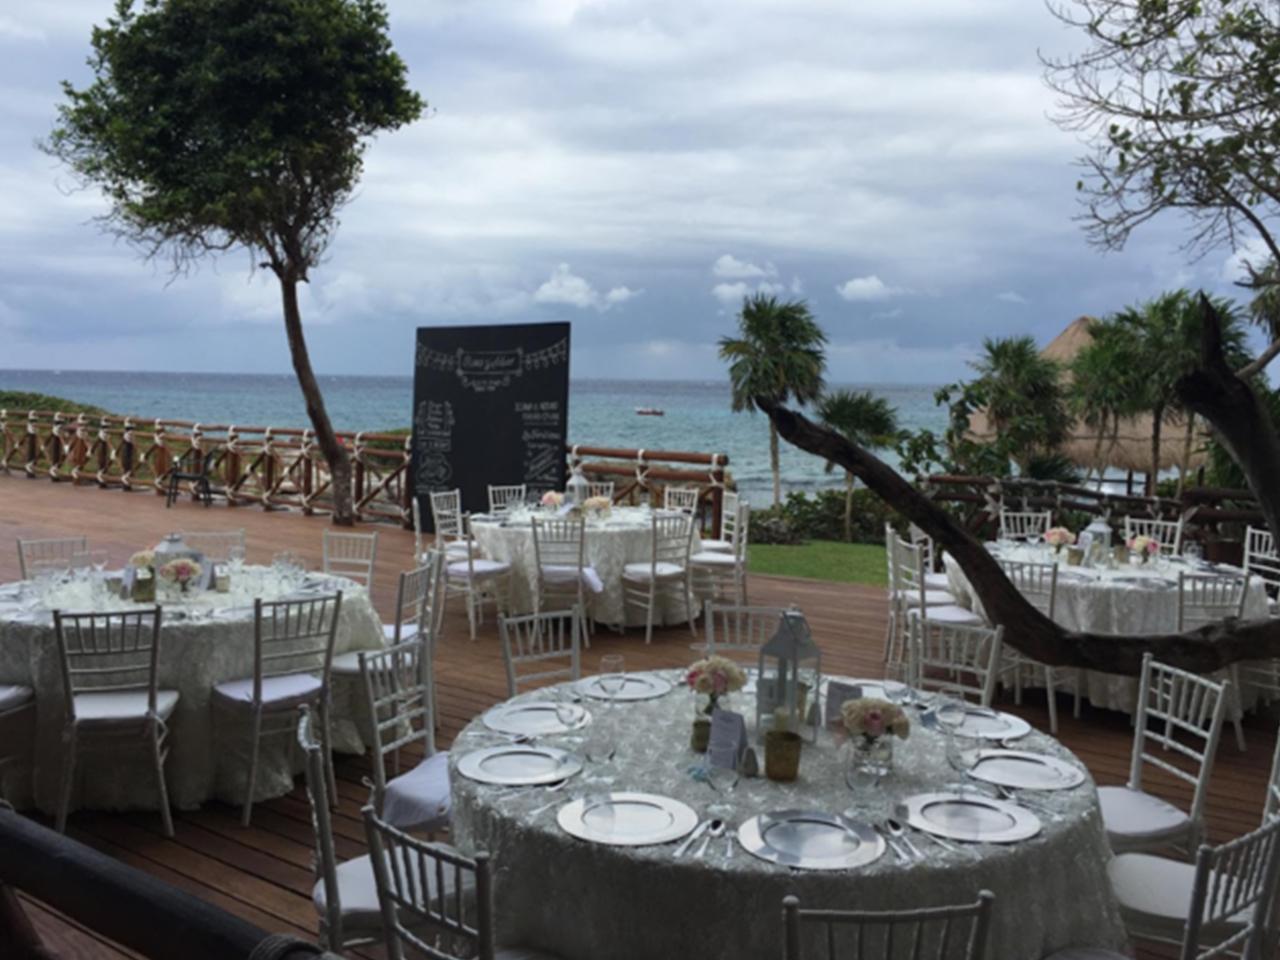 Bodas en la playa - Mesas y sillas